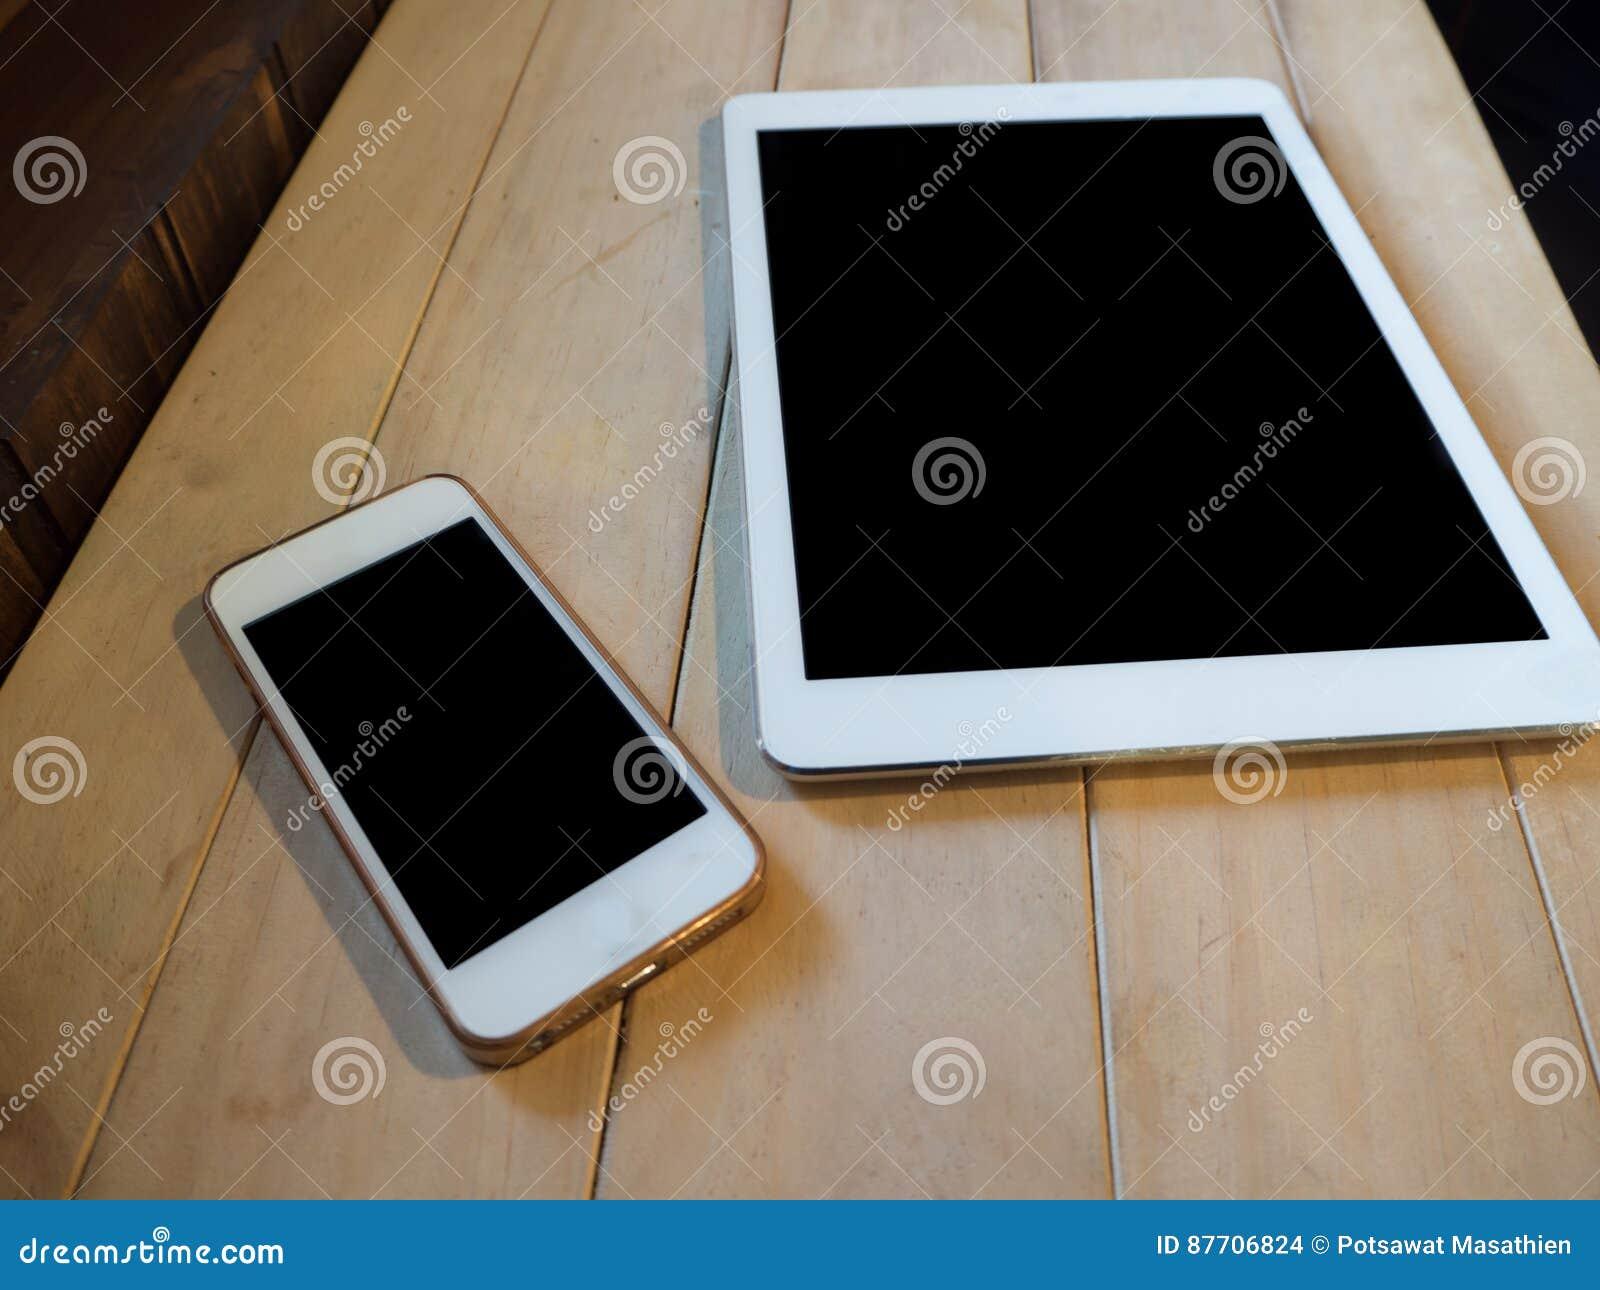 Image de vue supérieure de dispositif de smartphone et de comprimé au-dessus de table en bois